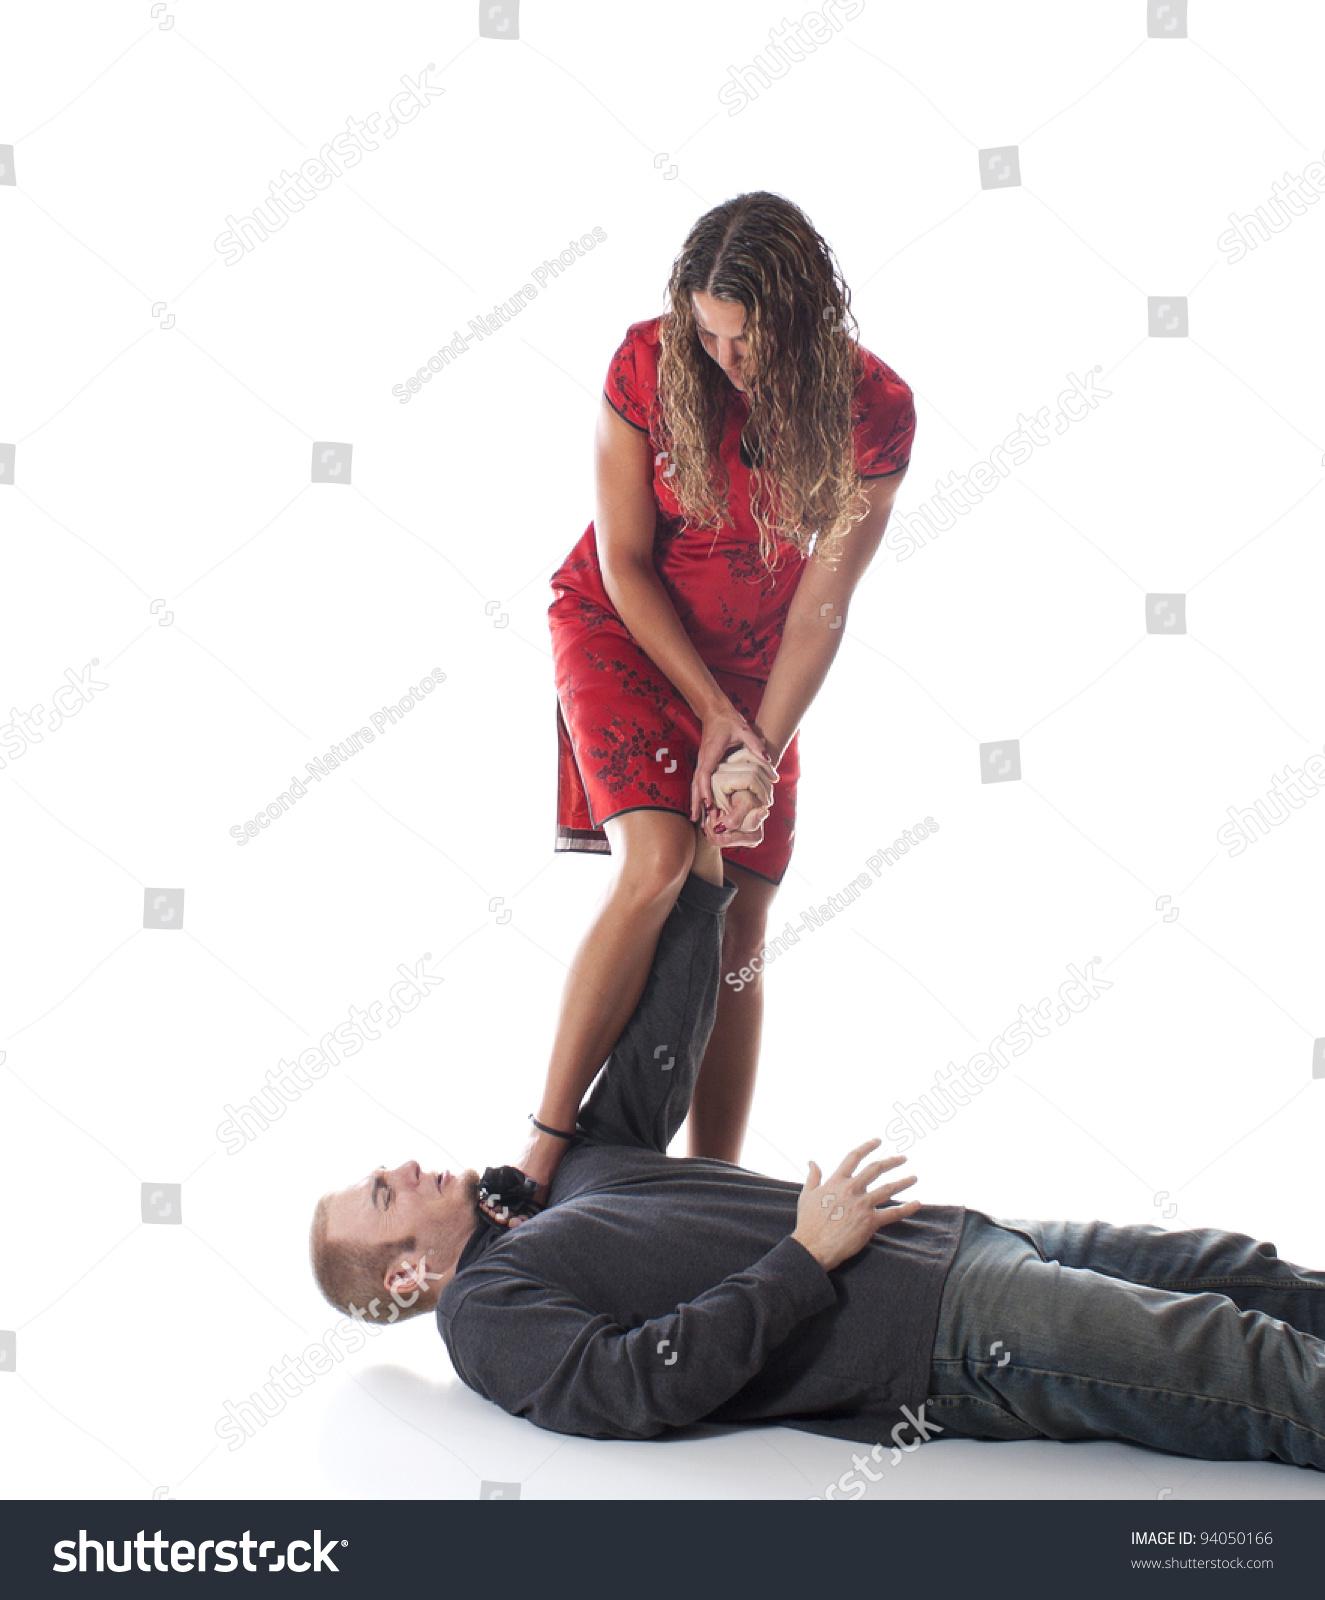 Women Overpowering Man 13